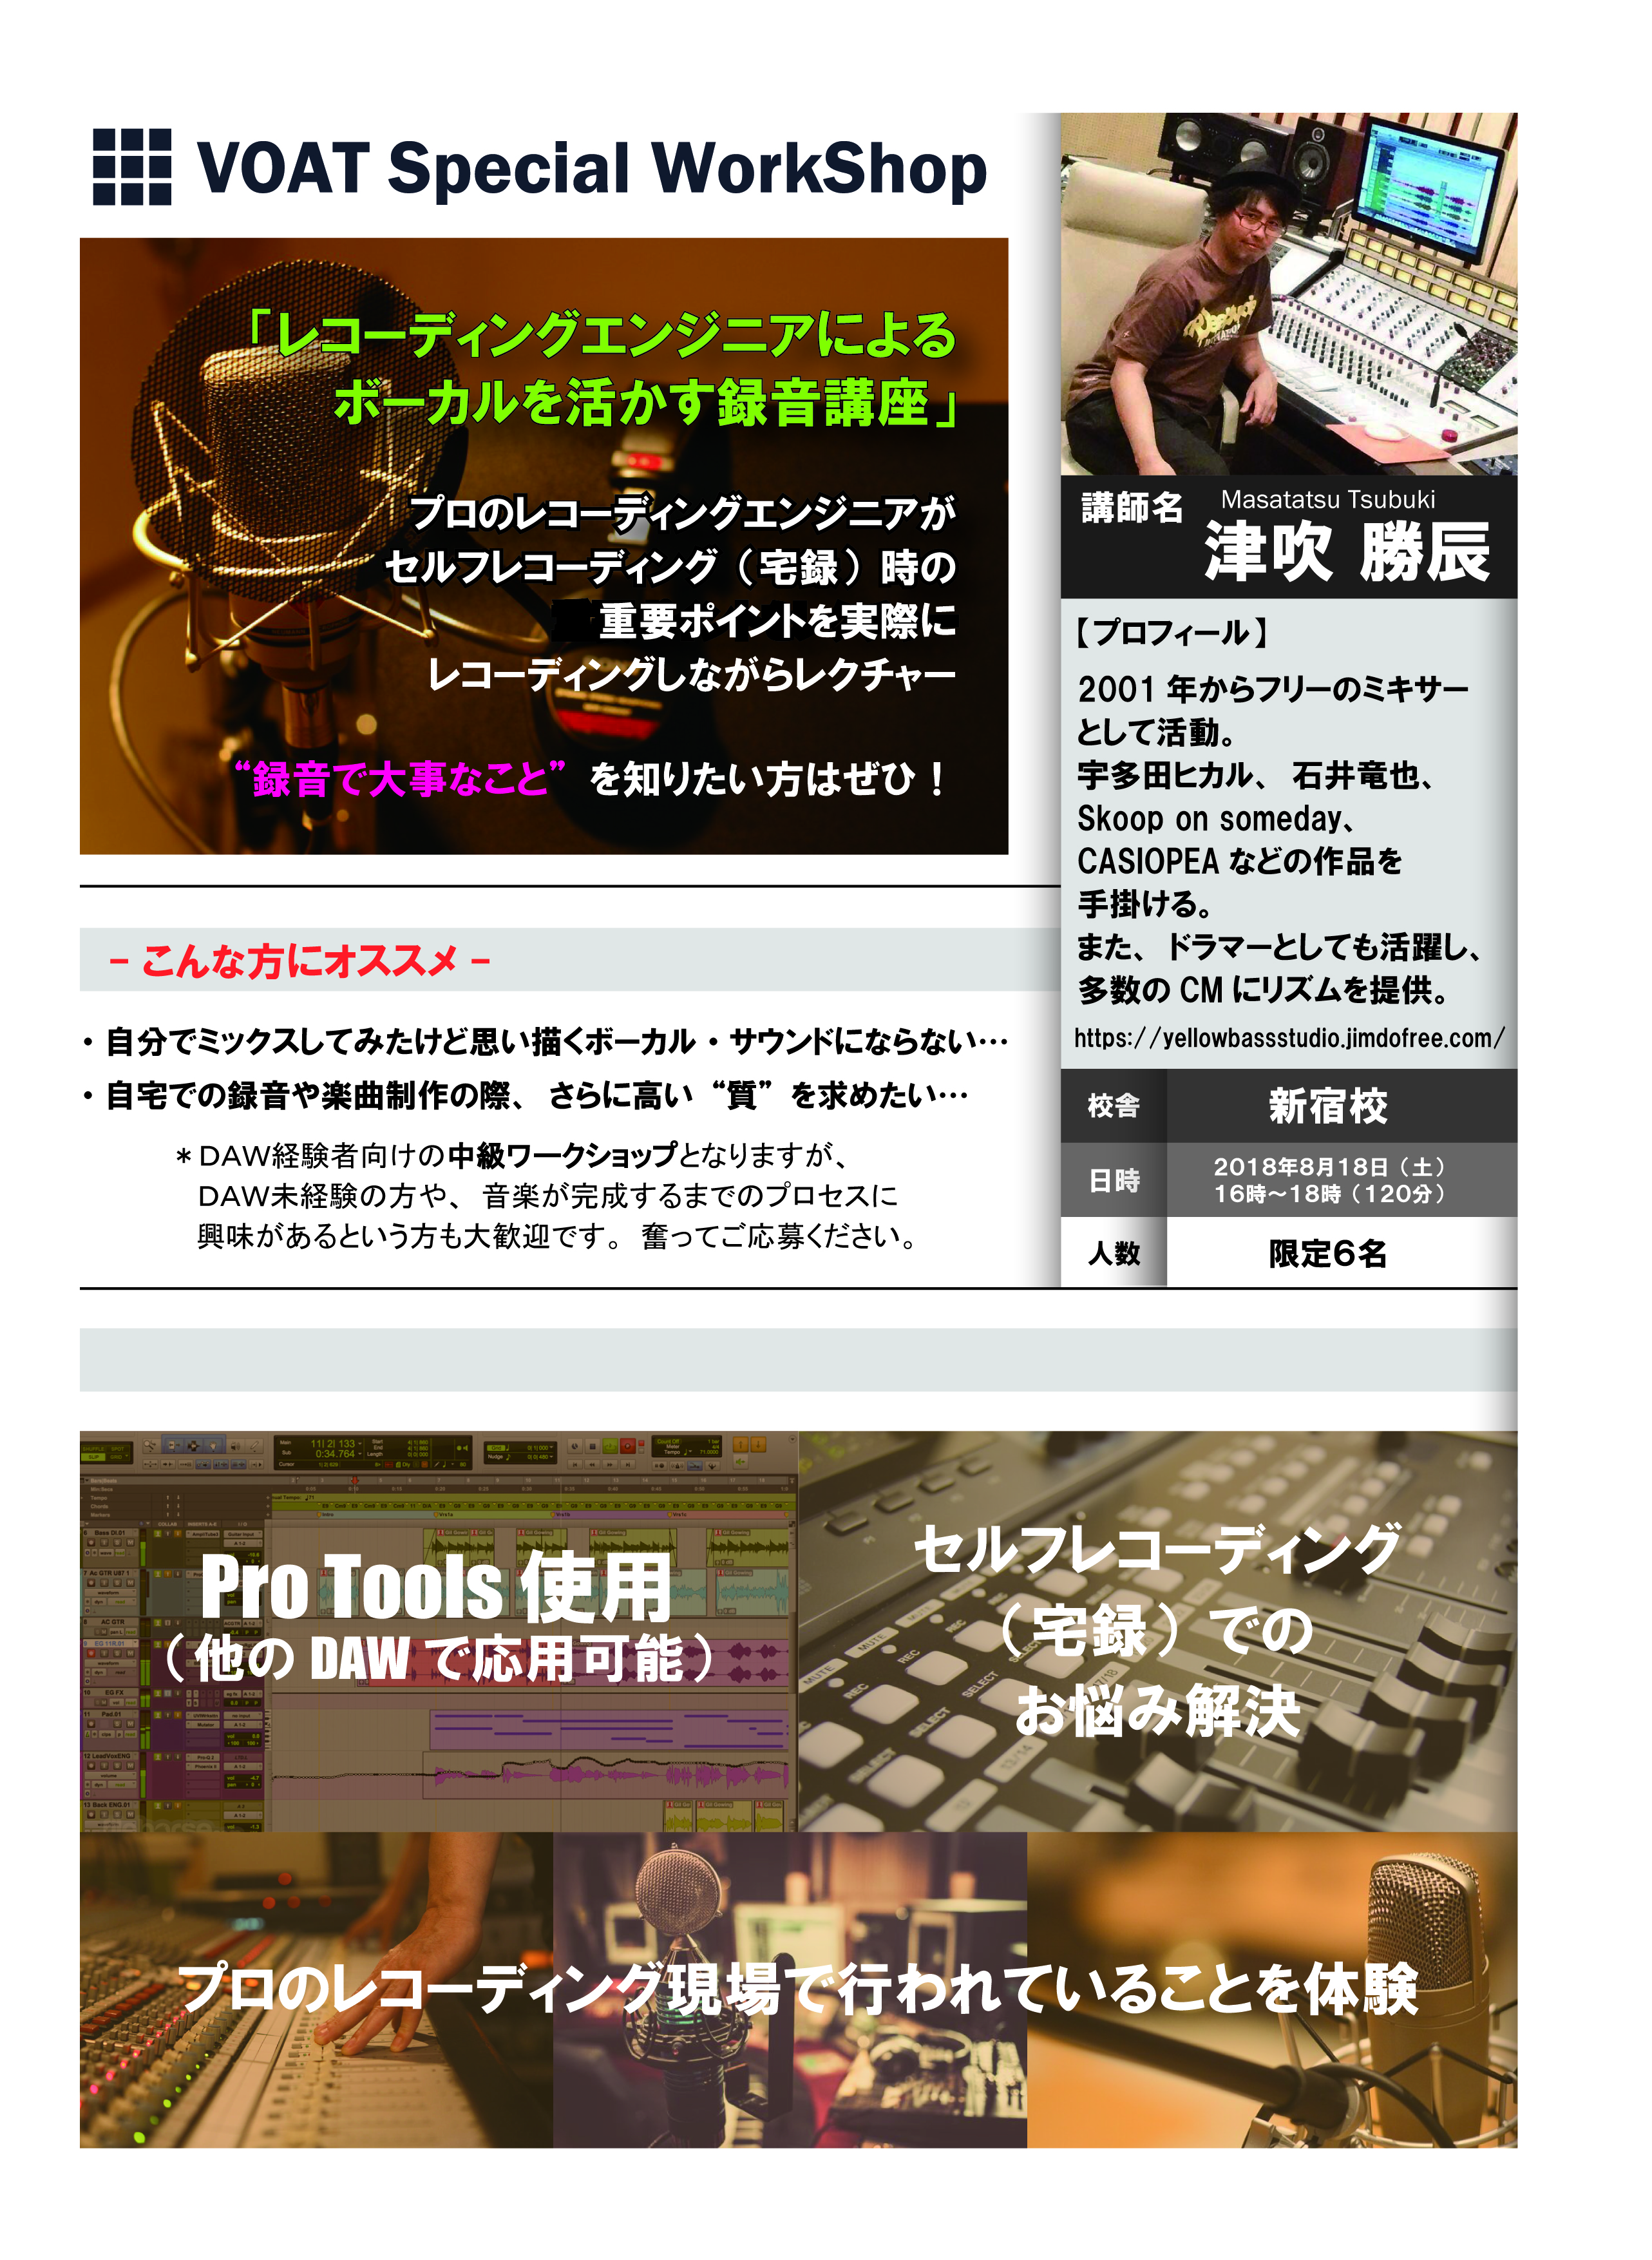 特別ワークショップ「レコーディングエンジニアによるボーカルを活かす録音講座」(会場:新宿校)